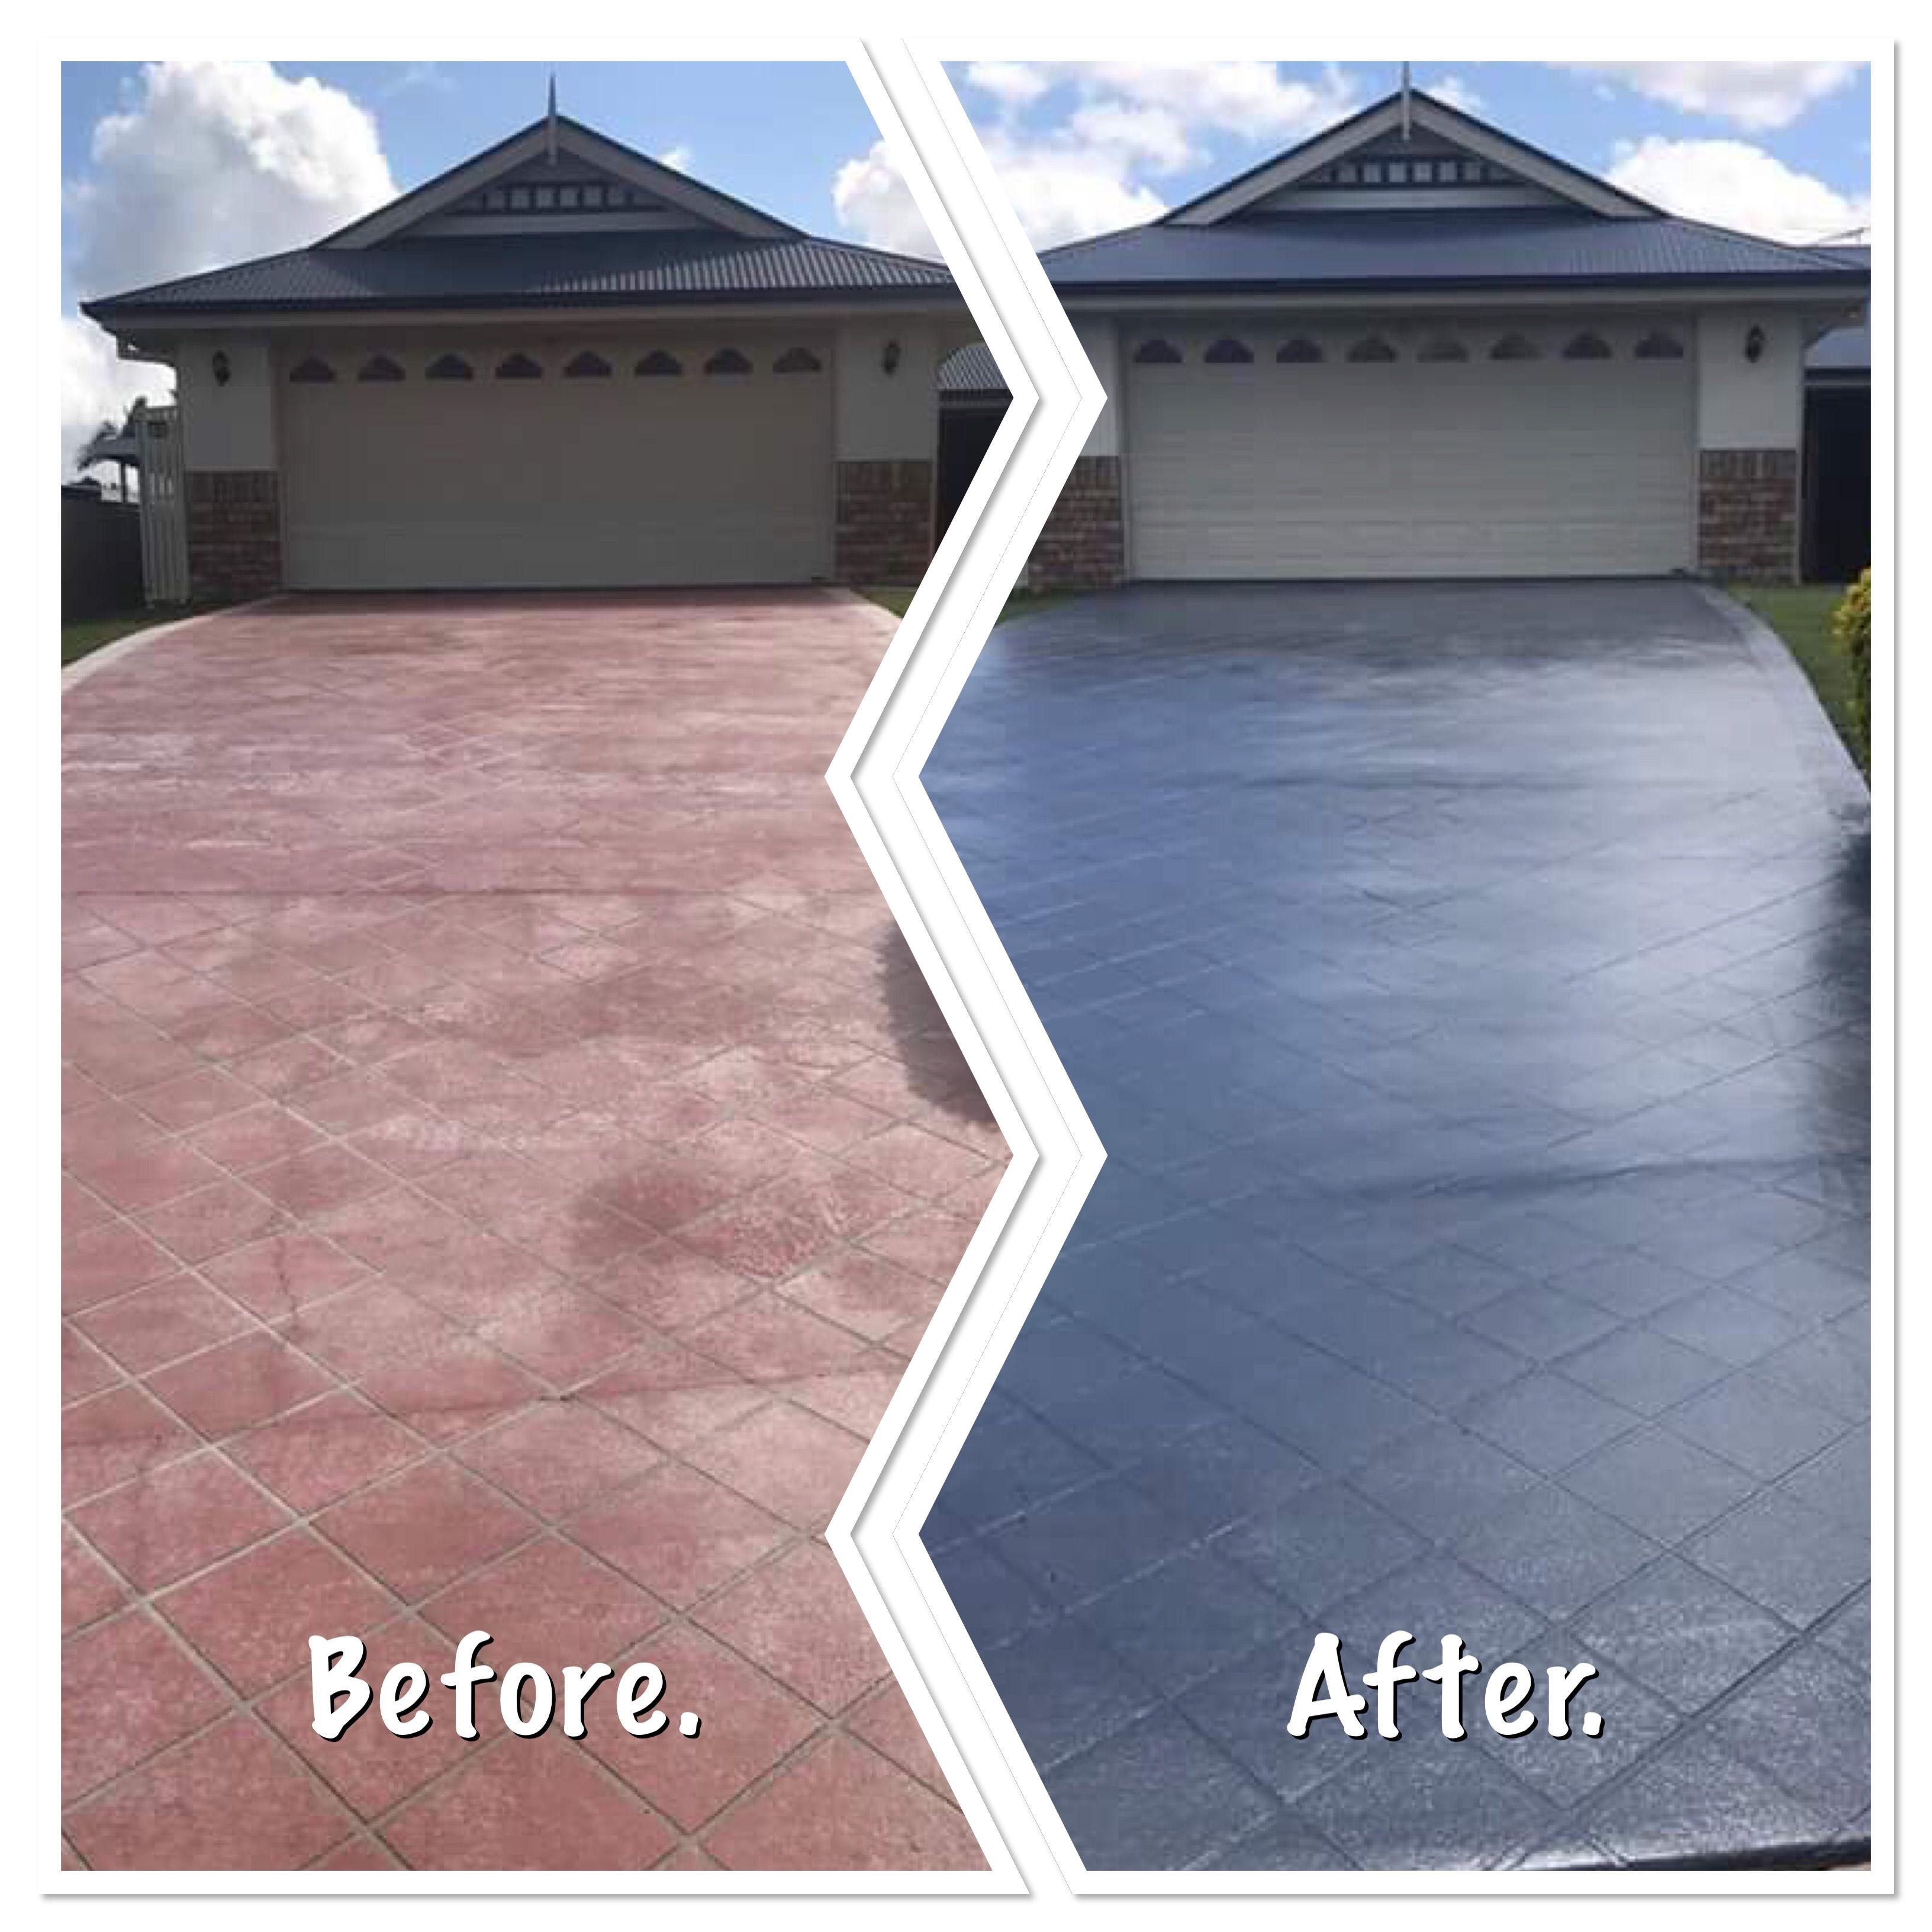 Driveway Painting Sealing In Brisbane By Waterworx Pressure Cleaning Modern Driveway Roof Repair Ipswich